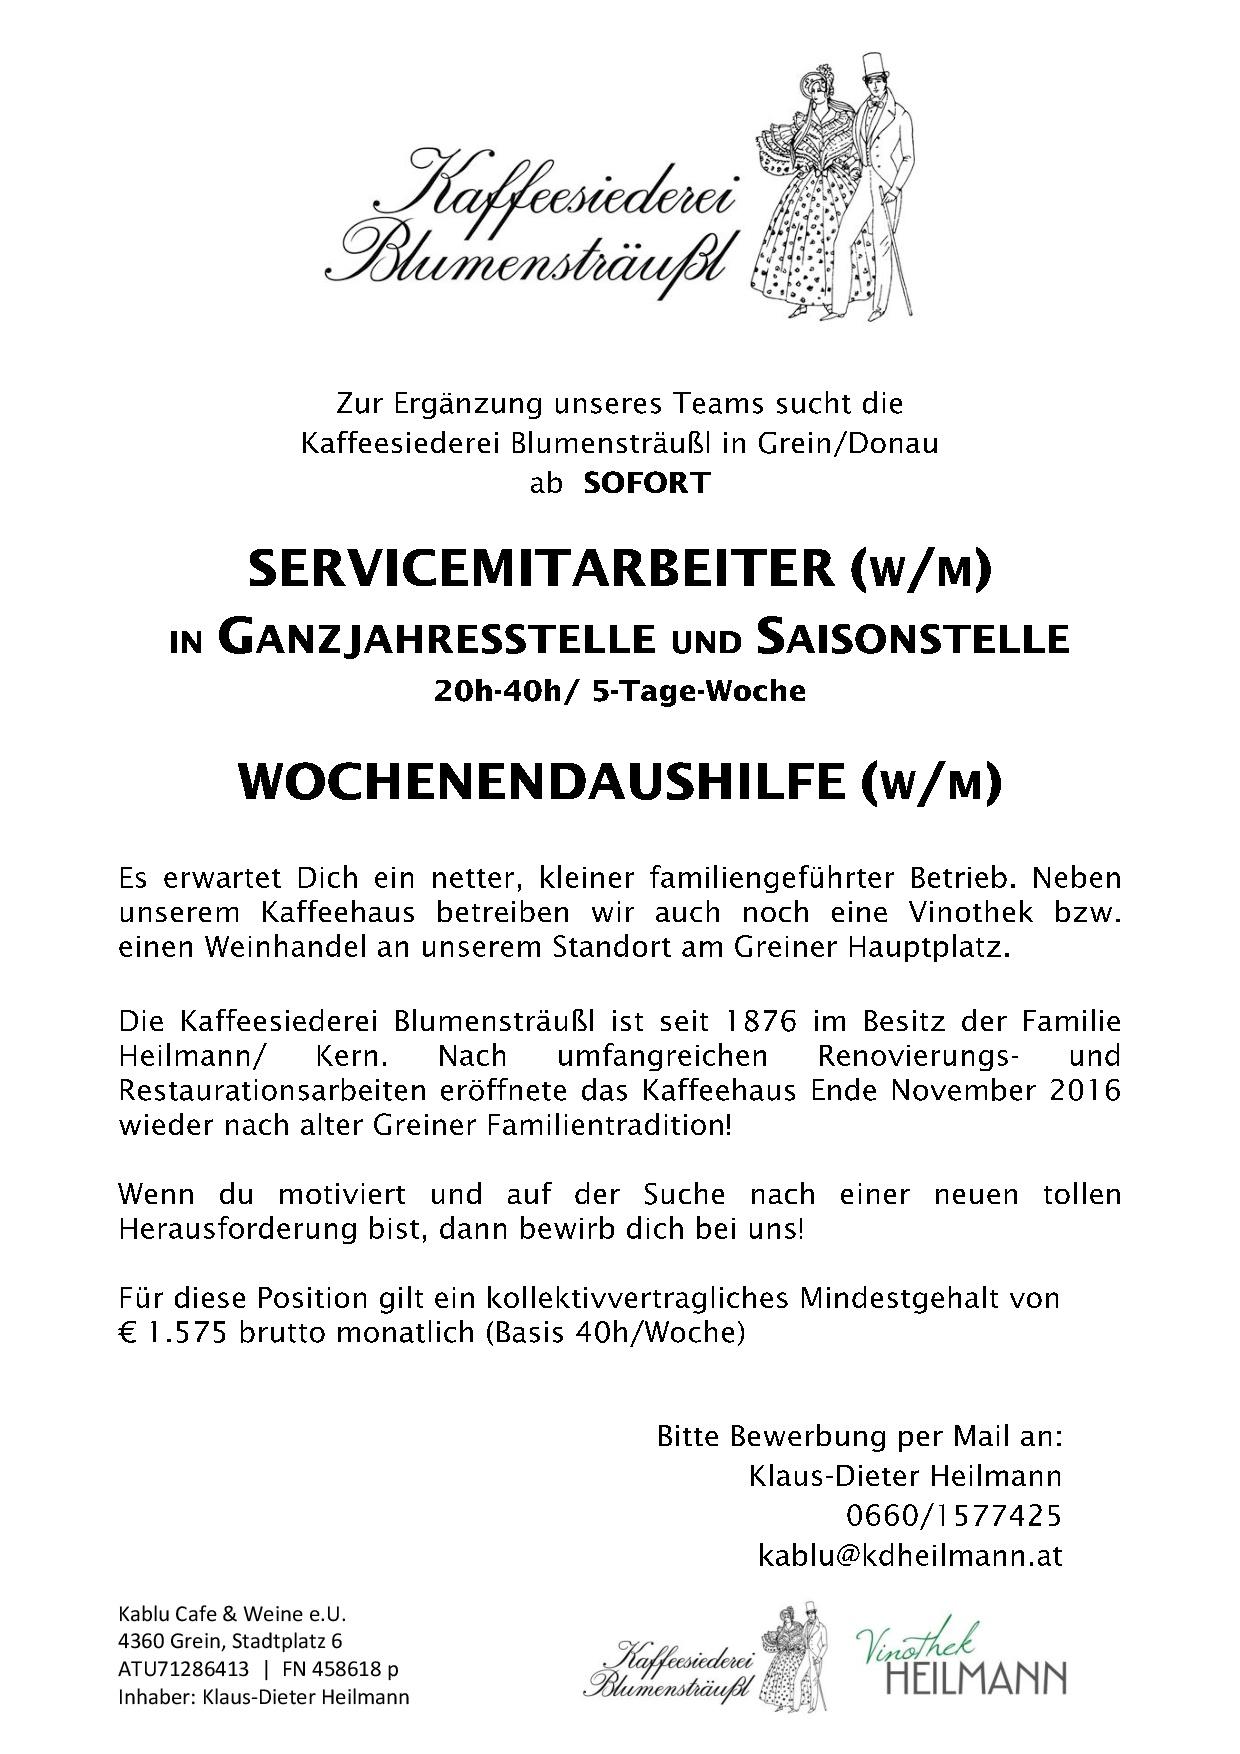 Anschreiben Servicemitarbeiter 2019 (1)